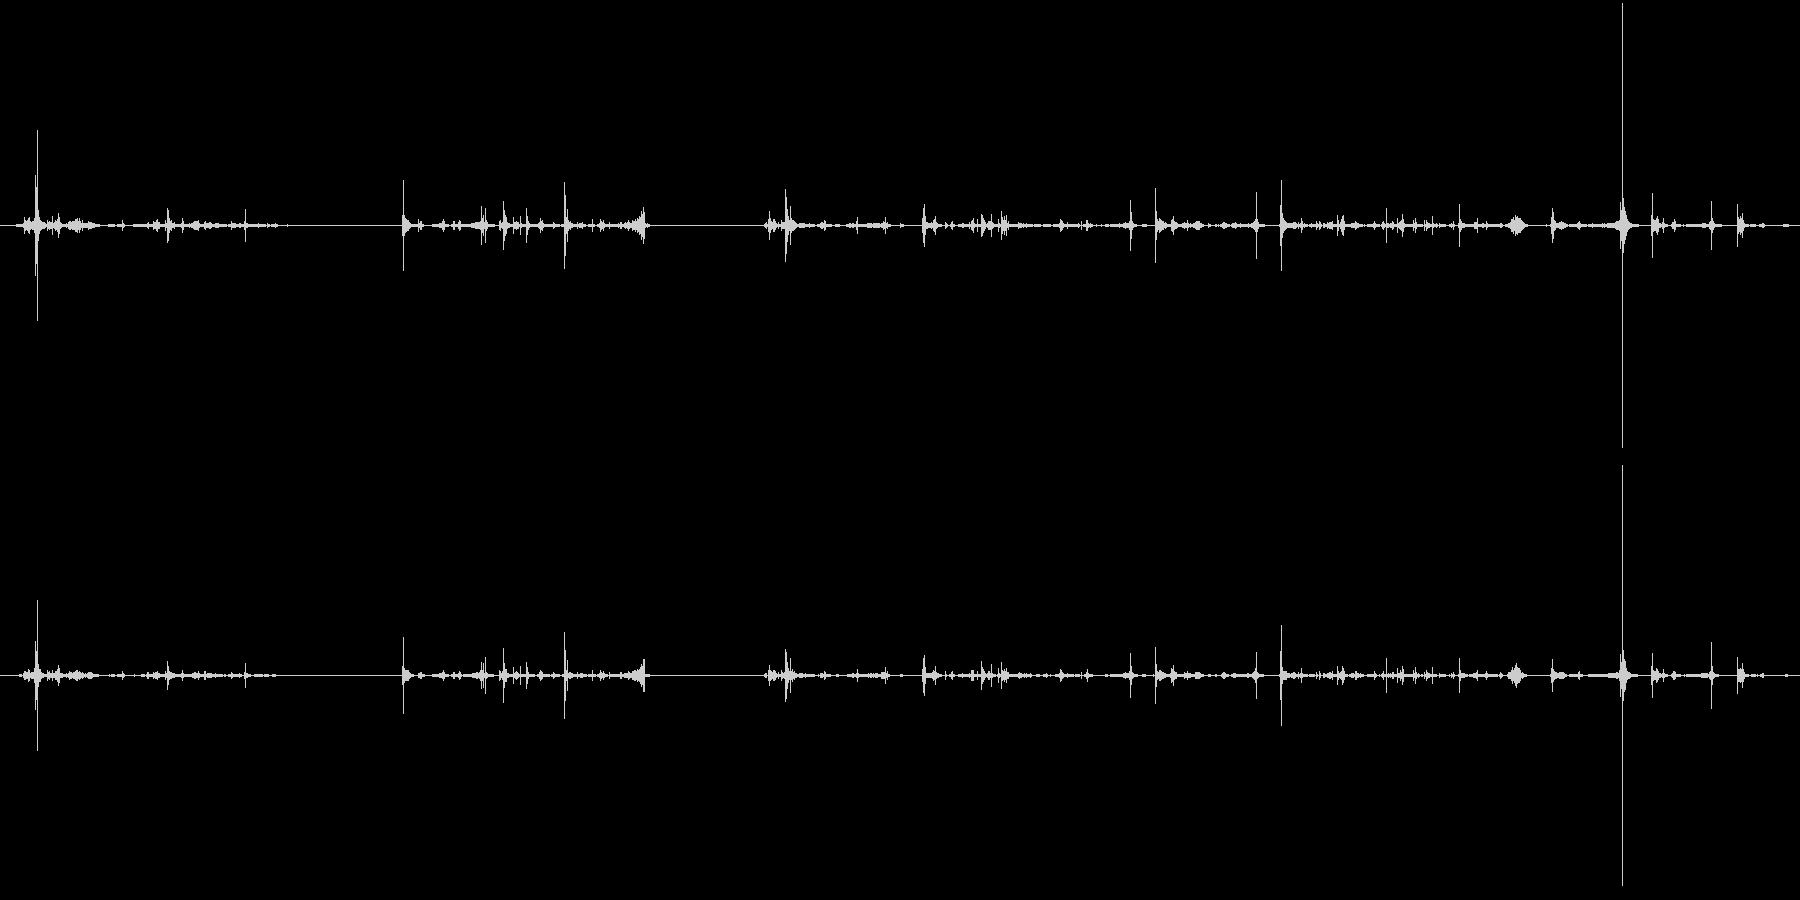 紙 トランプハンドル04の未再生の波形